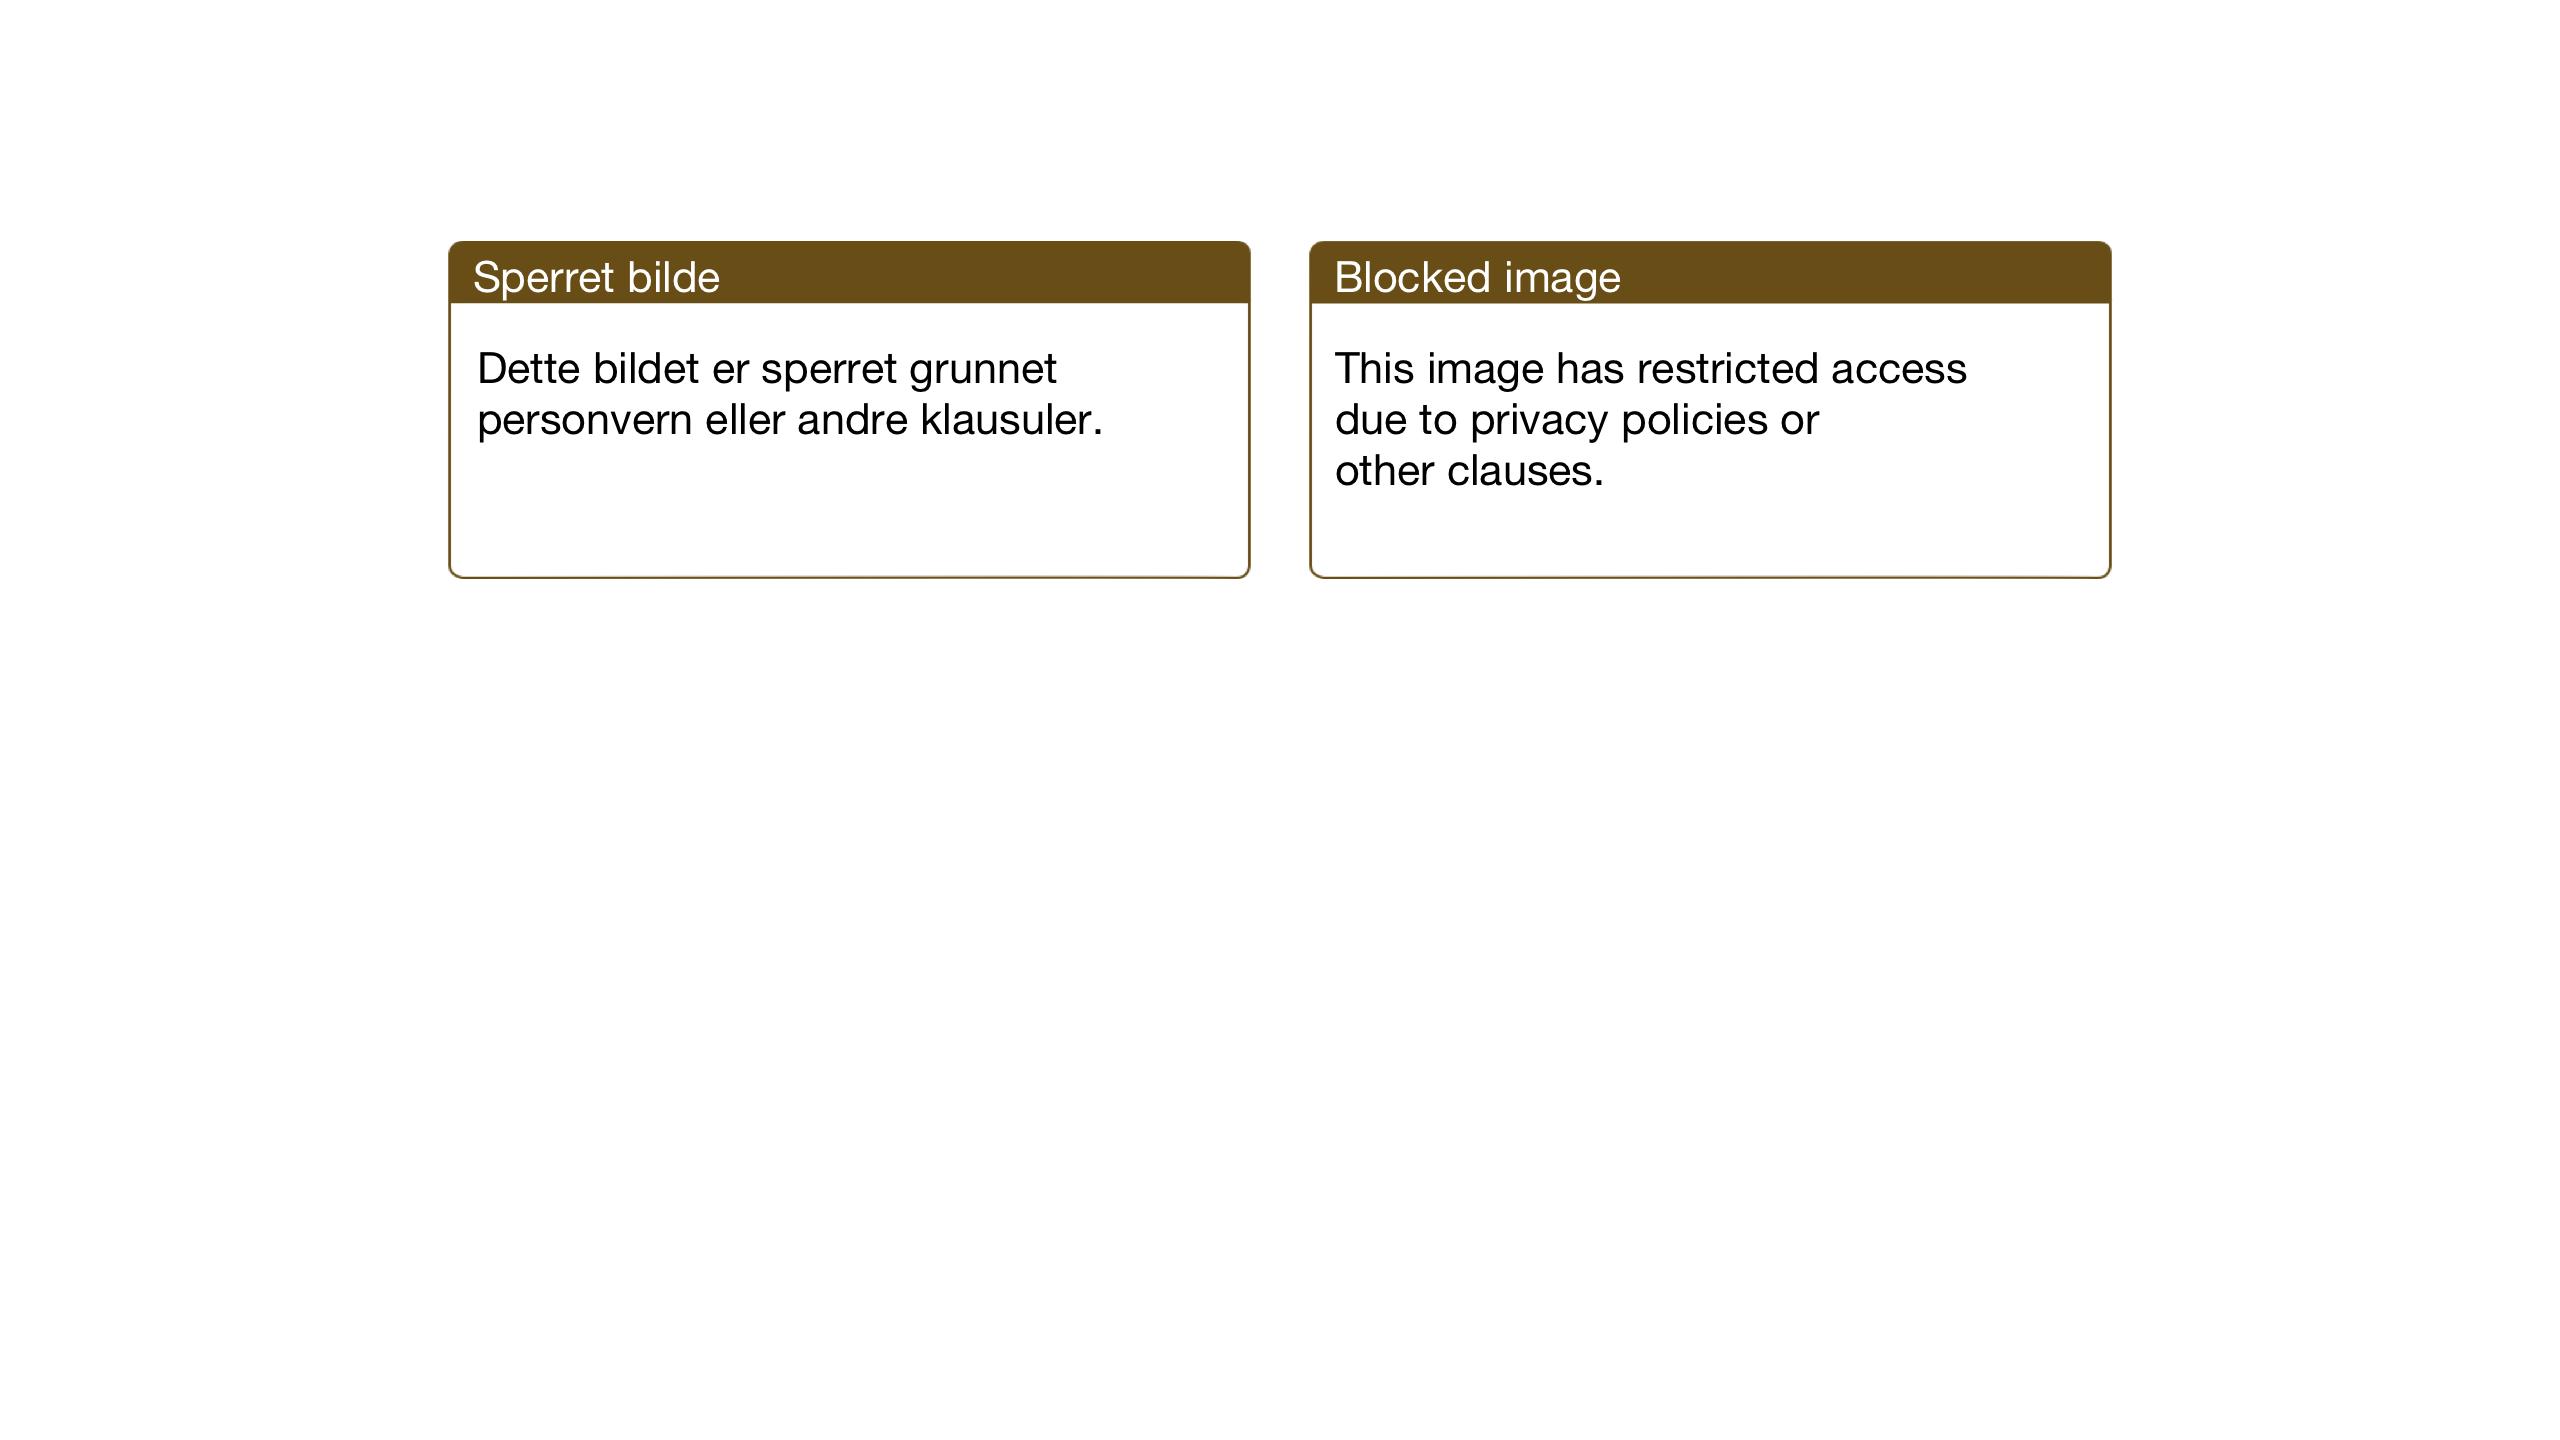 SAT, Ministerialprotokoller, klokkerbøker og fødselsregistre - Sør-Trøndelag, 669/L0832: Klokkerbok nr. 669C02, 1925-1953, s. 145